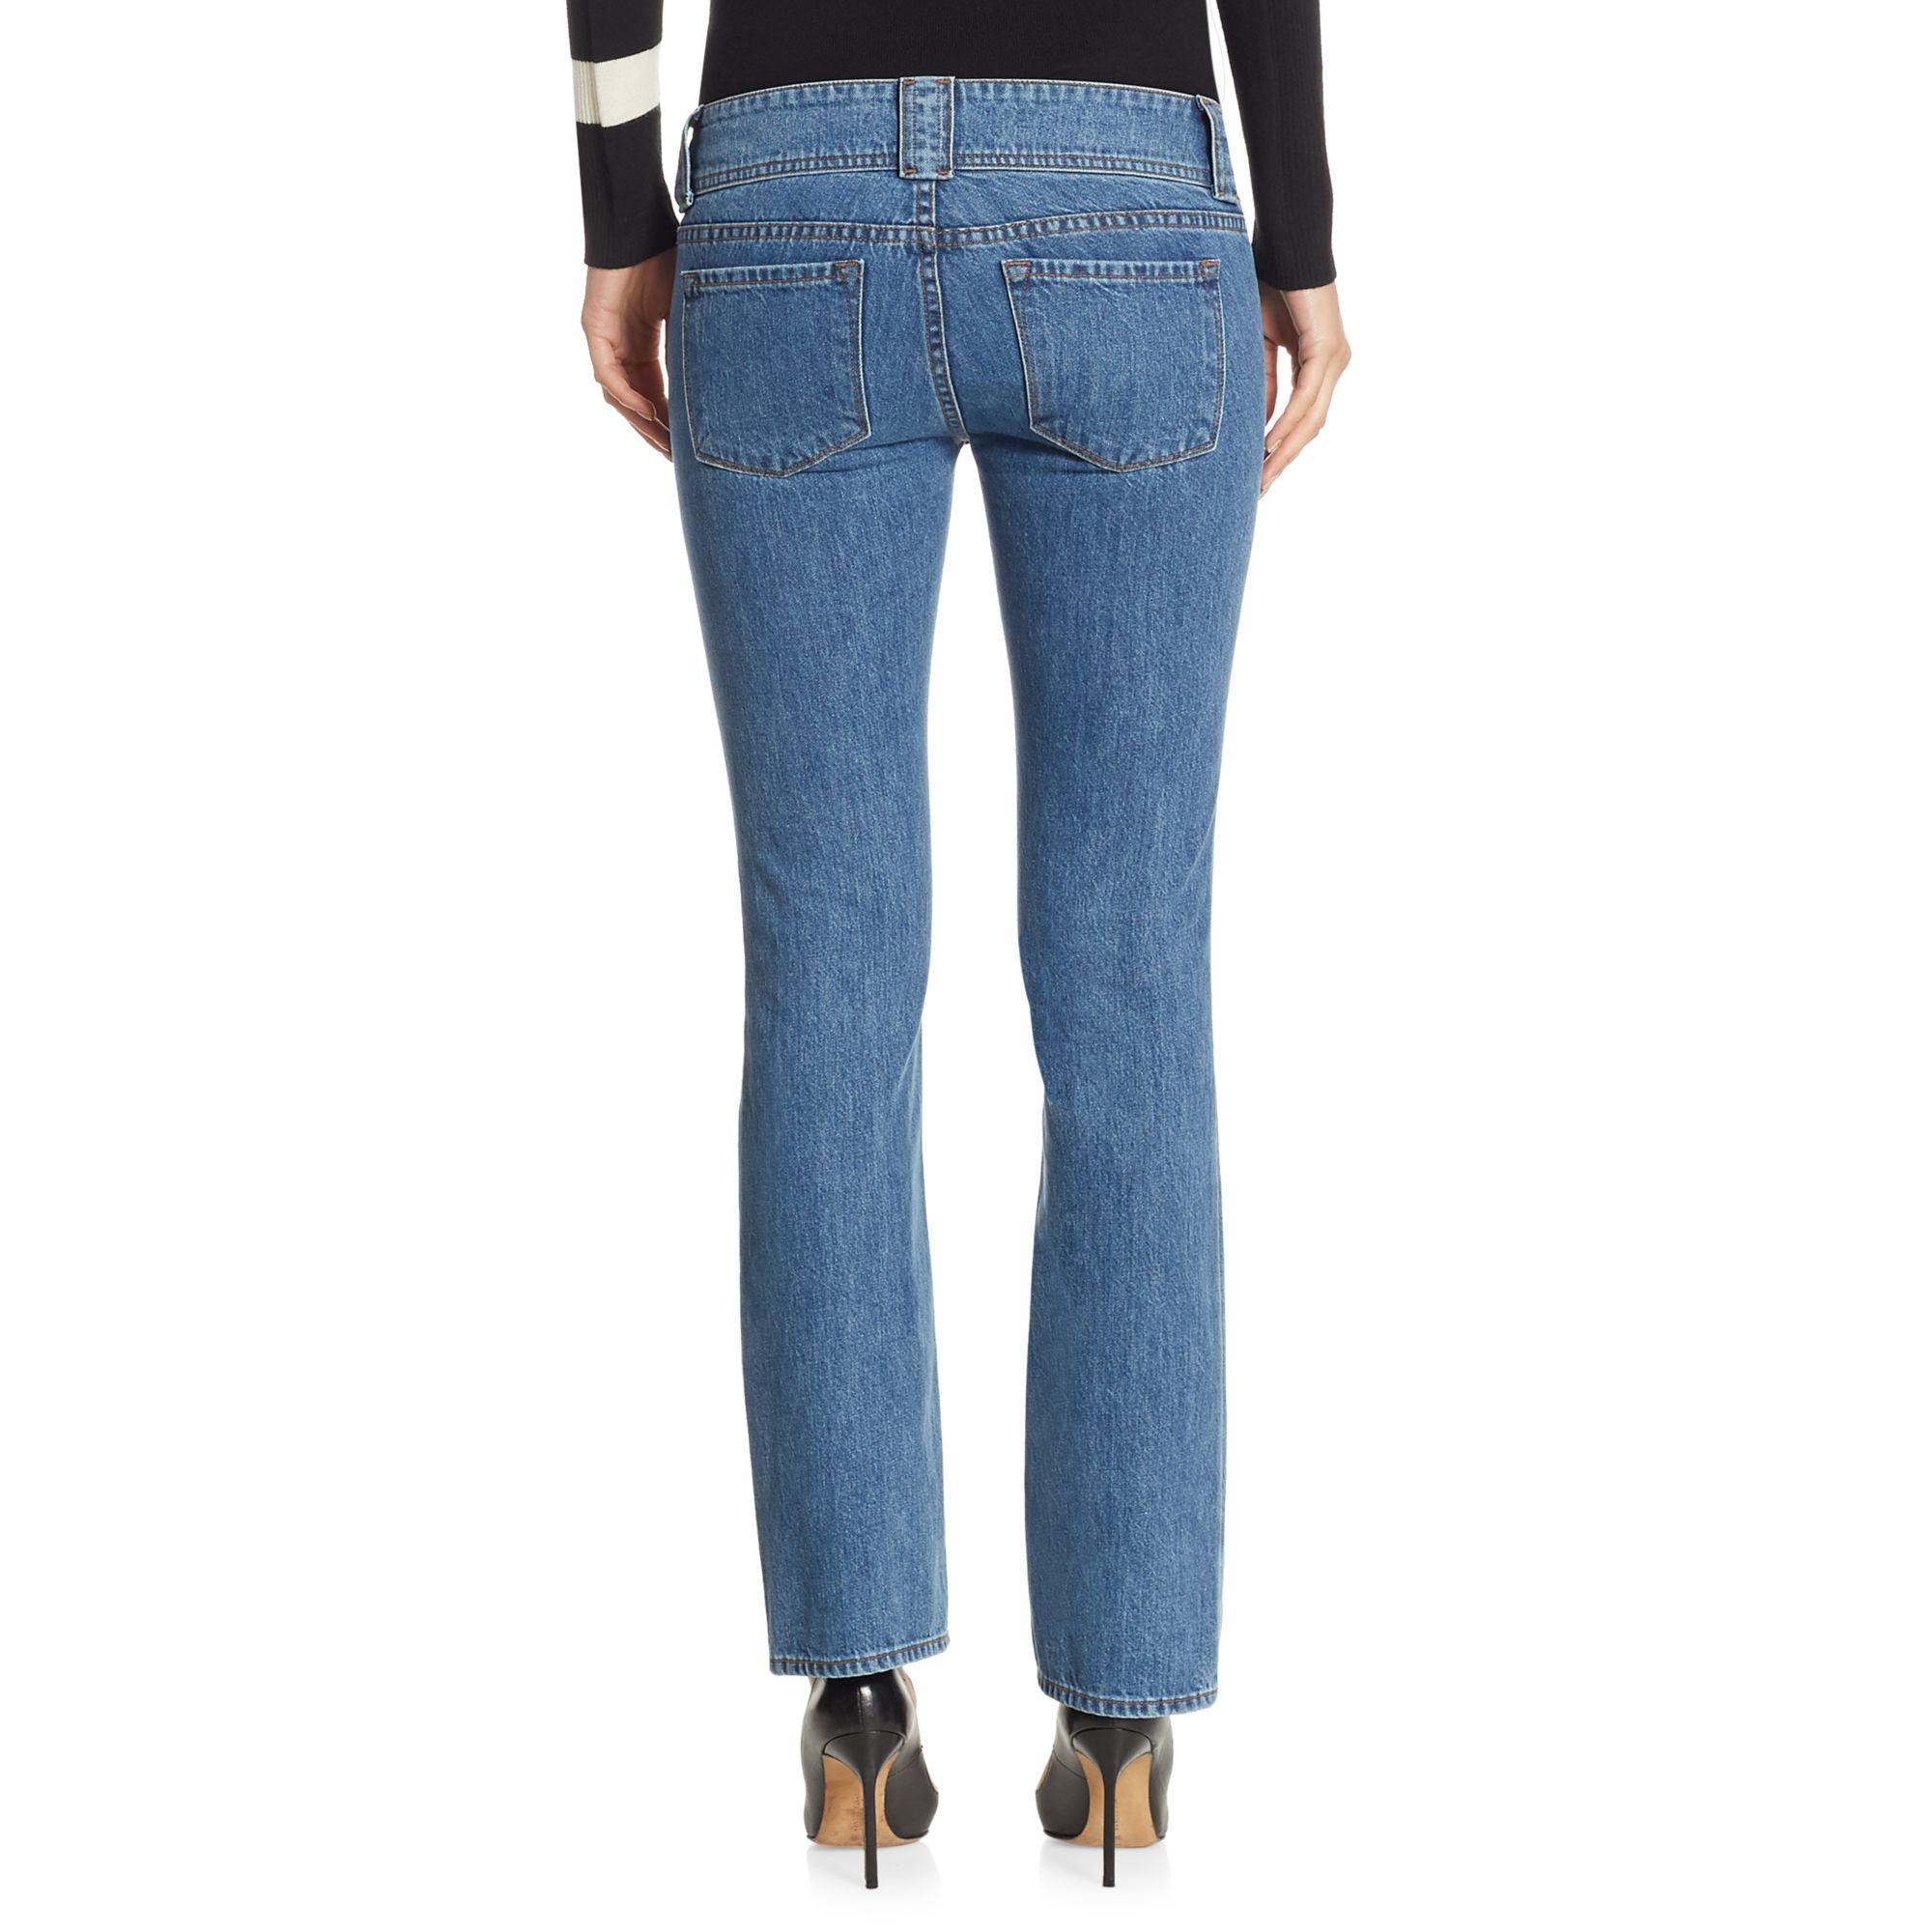 J Brand Denim Straight-leg Jeans in Light Blue (Blue)